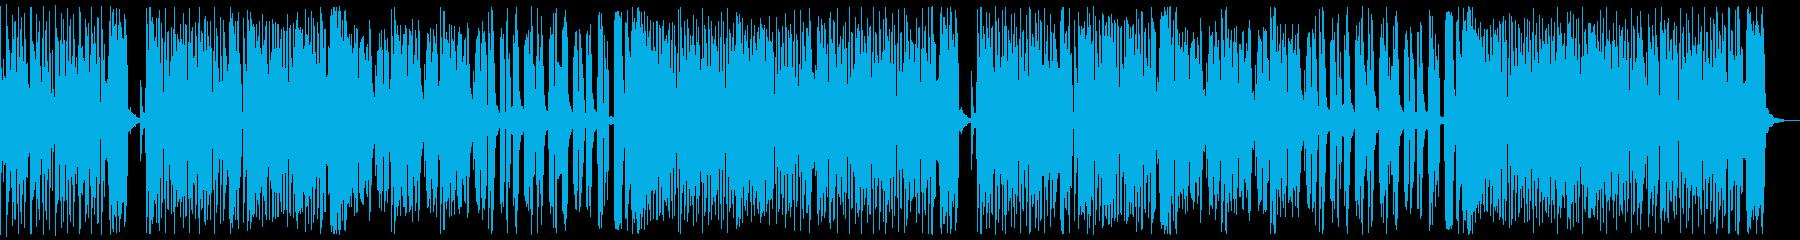 ミステリー_謎解きの再生済みの波形